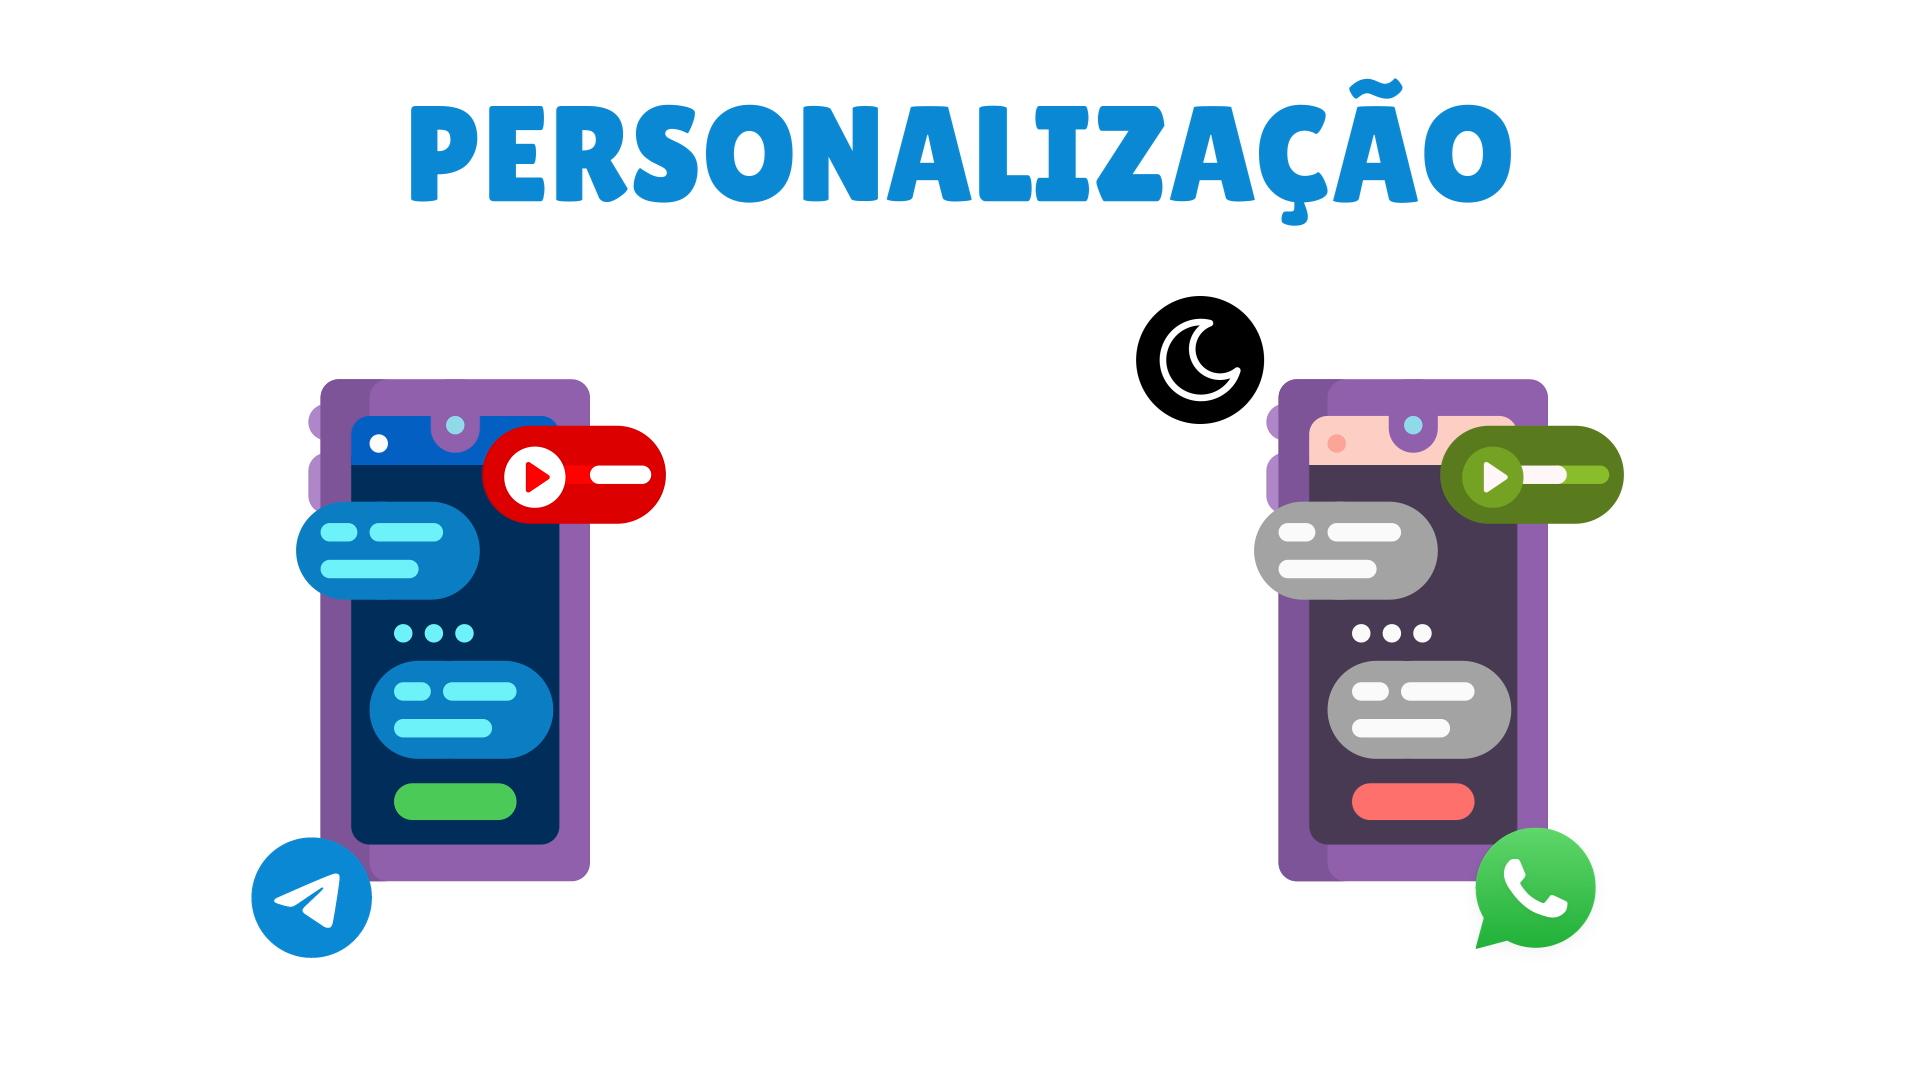 Whatsapp ou Telegram: diferenças na personalização dos chats